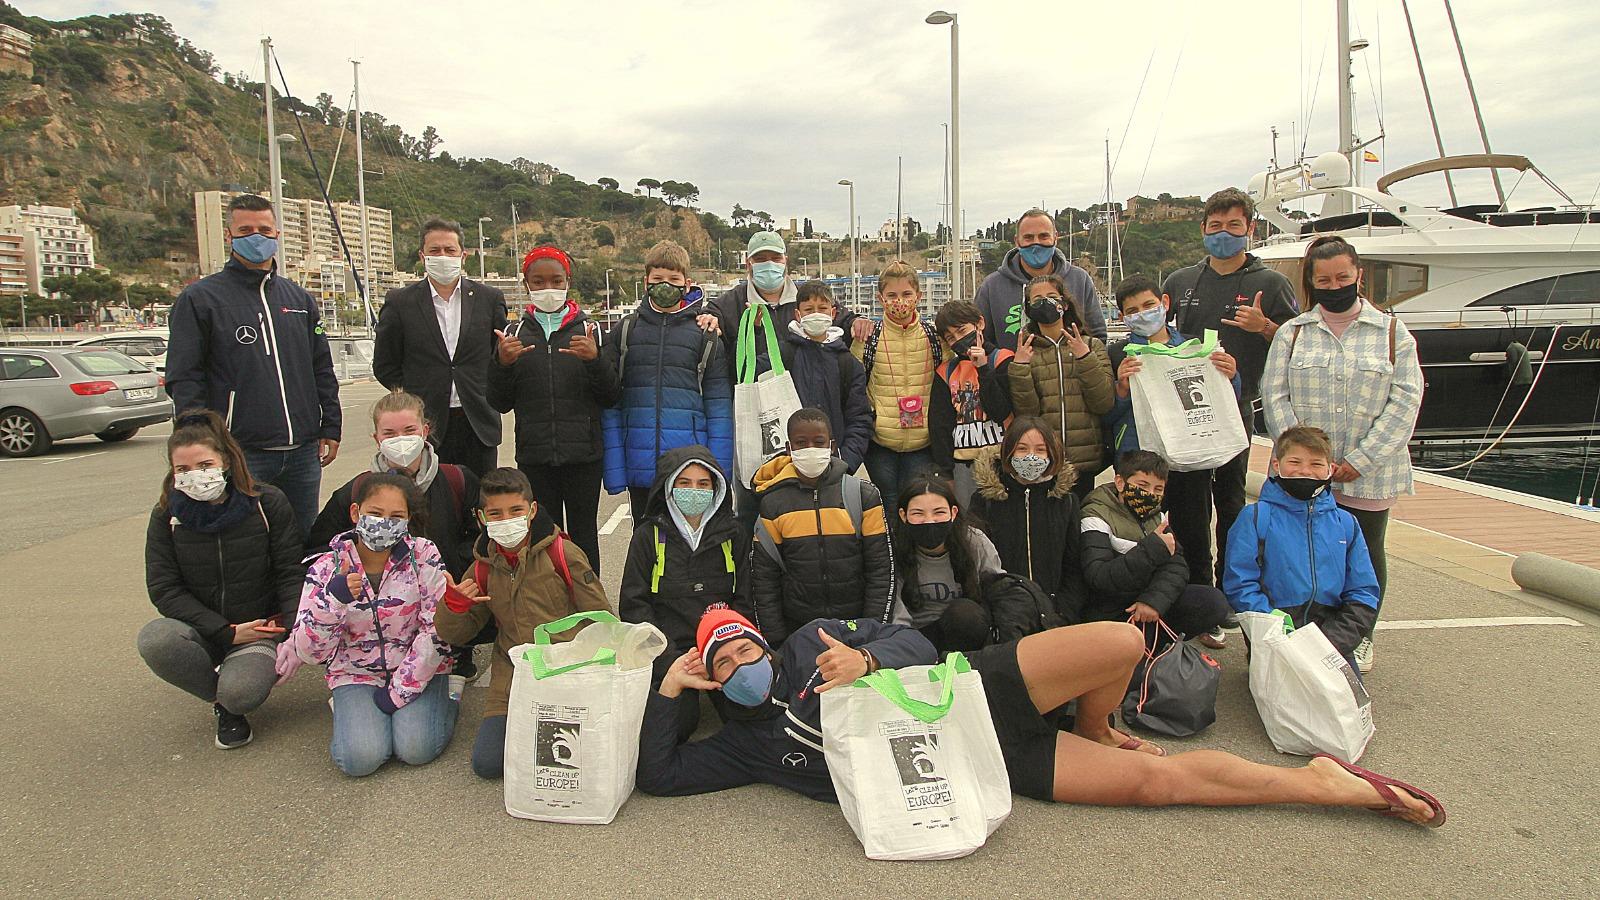 50 escolars de l'Escola Mossen Joan Batlle participen a les Jornades de Recollida de Residus al Mar inclòs al 'Let's Clean Europe'.